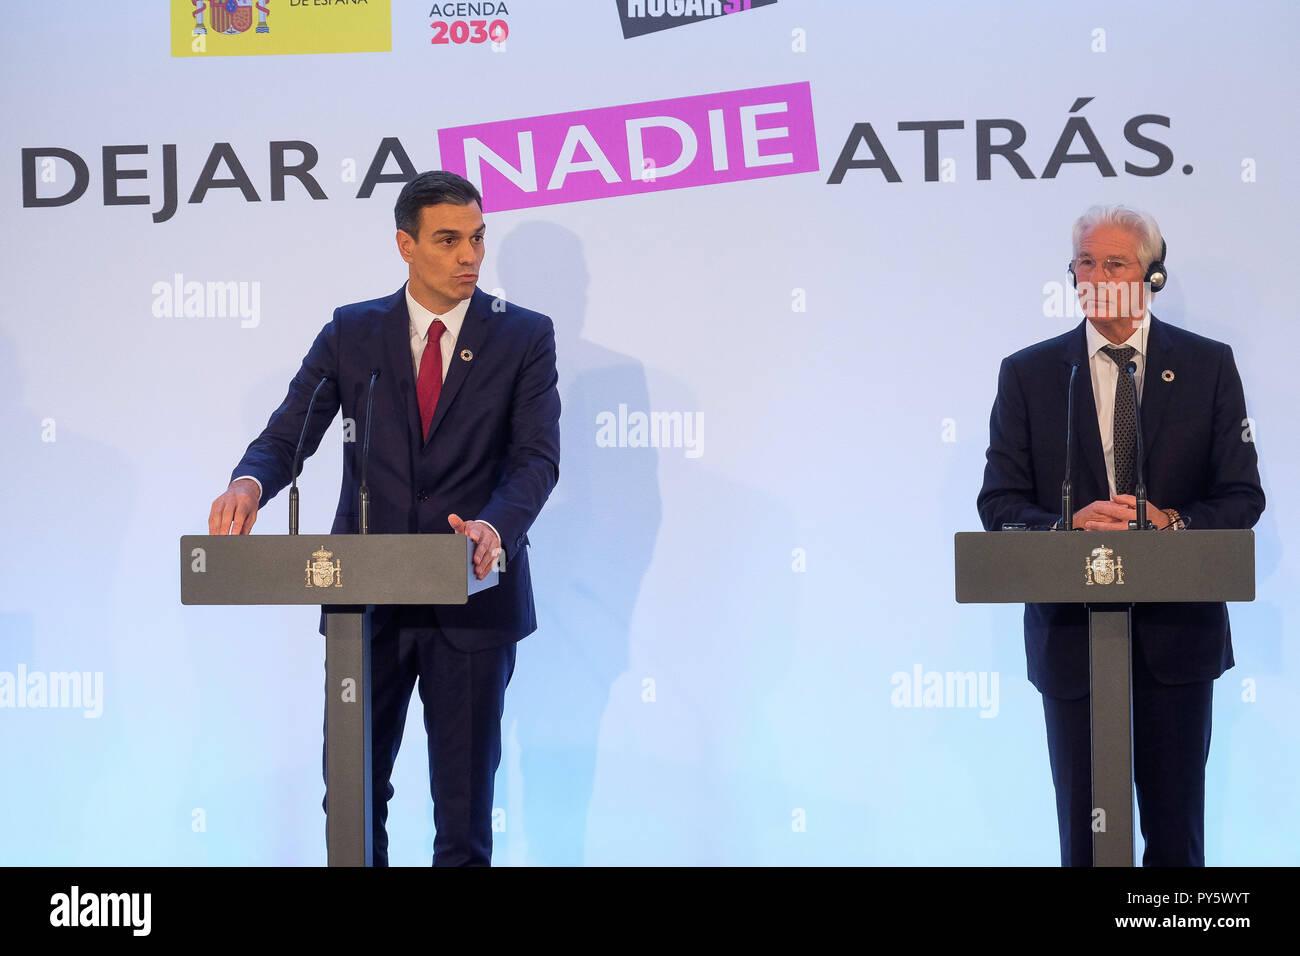 """España el Primer Ministro Pedro Sánchez con el actor Richard Gere y Alejandra Silva durante el acto """" Sin dejar a nadie atras ' en Madrid el jueves 25 de octubre de 2018 Imagen De Stock"""